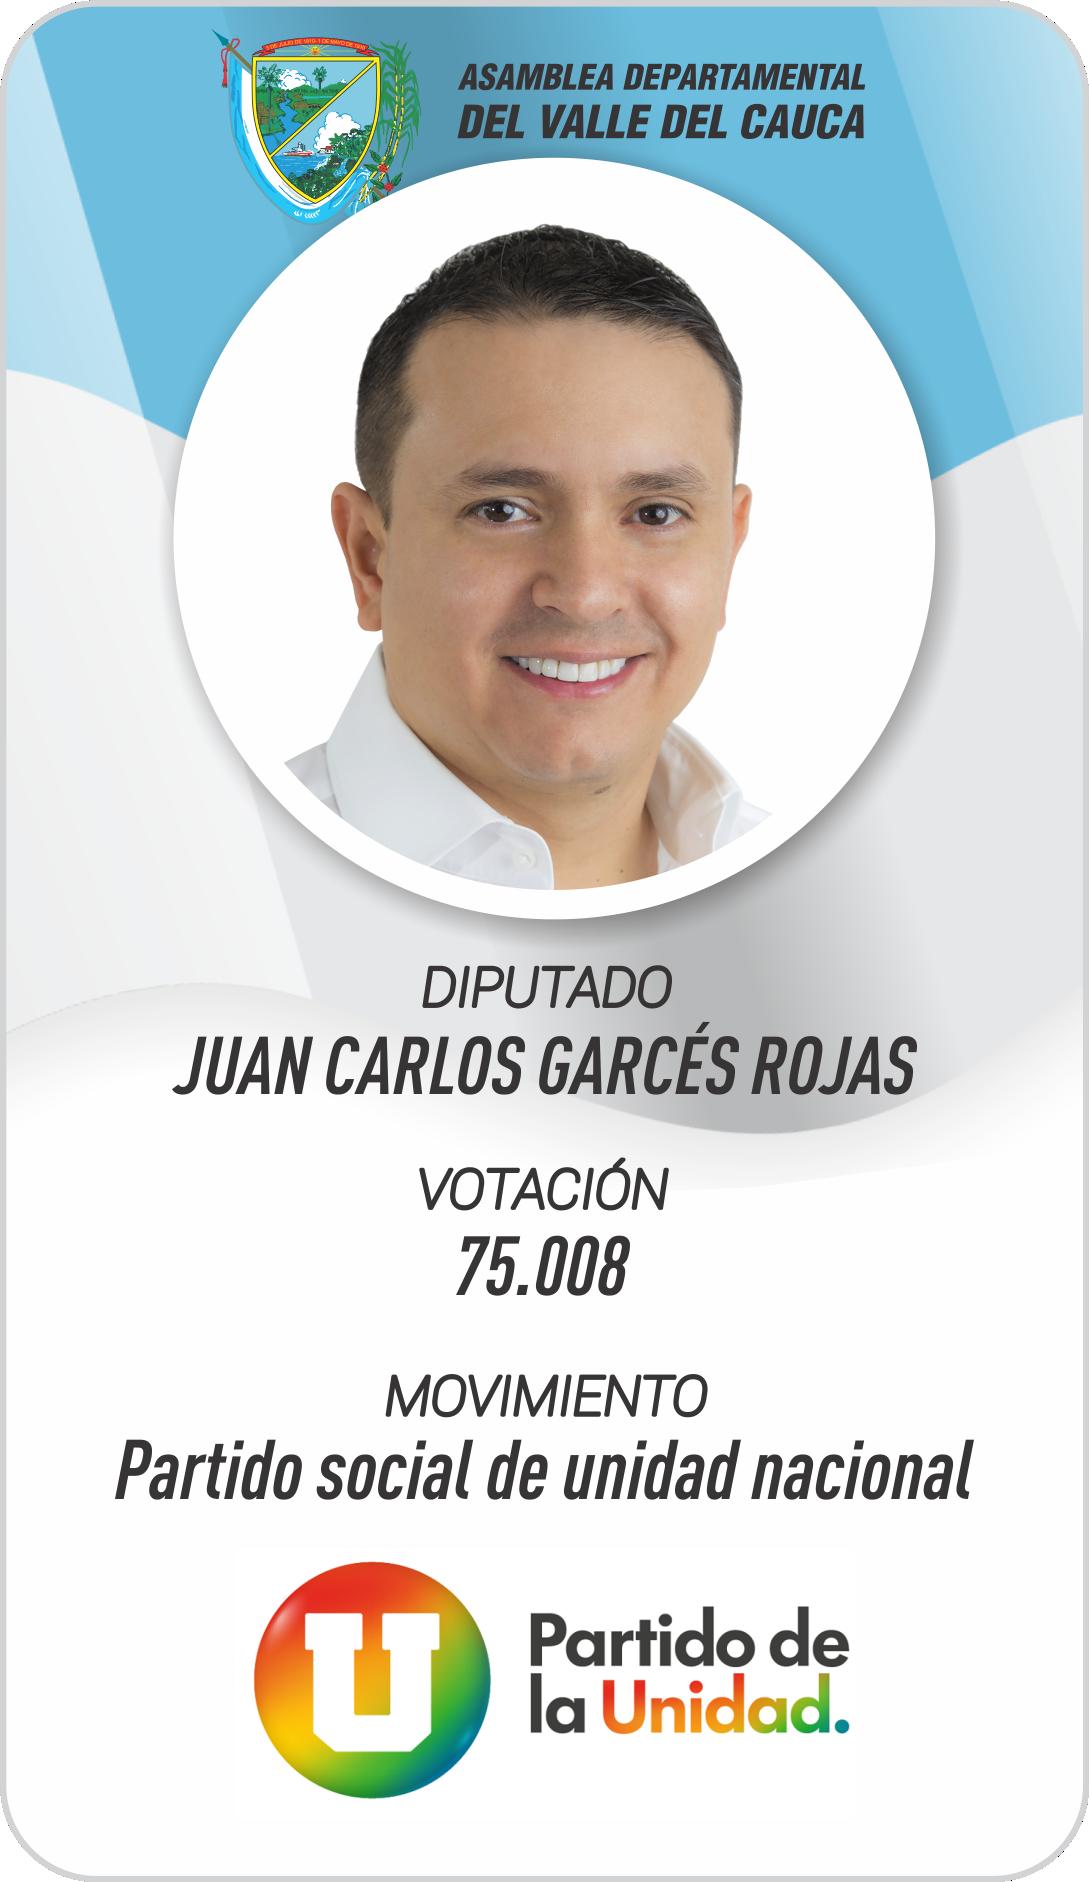 JUAN CARLOS GARCÉS ROJAS Diputado del Valle 2020-2023